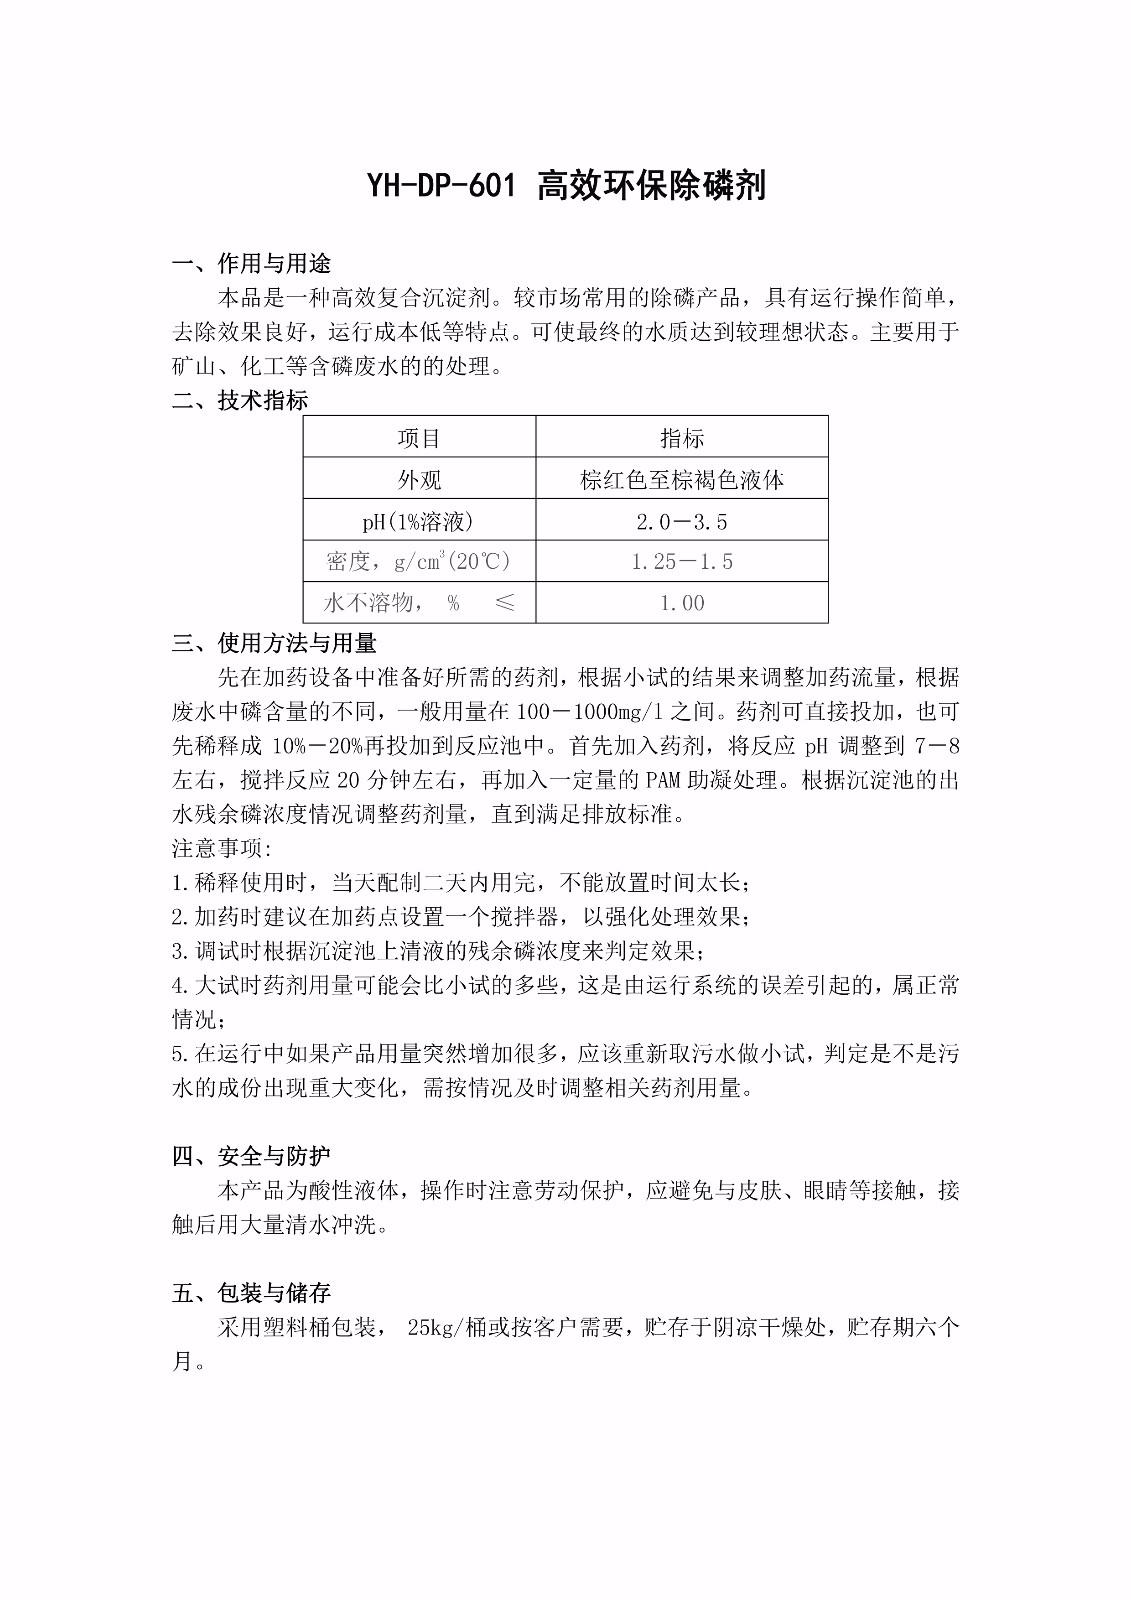 YH-DP-601 高效环保除磷剂.jpg